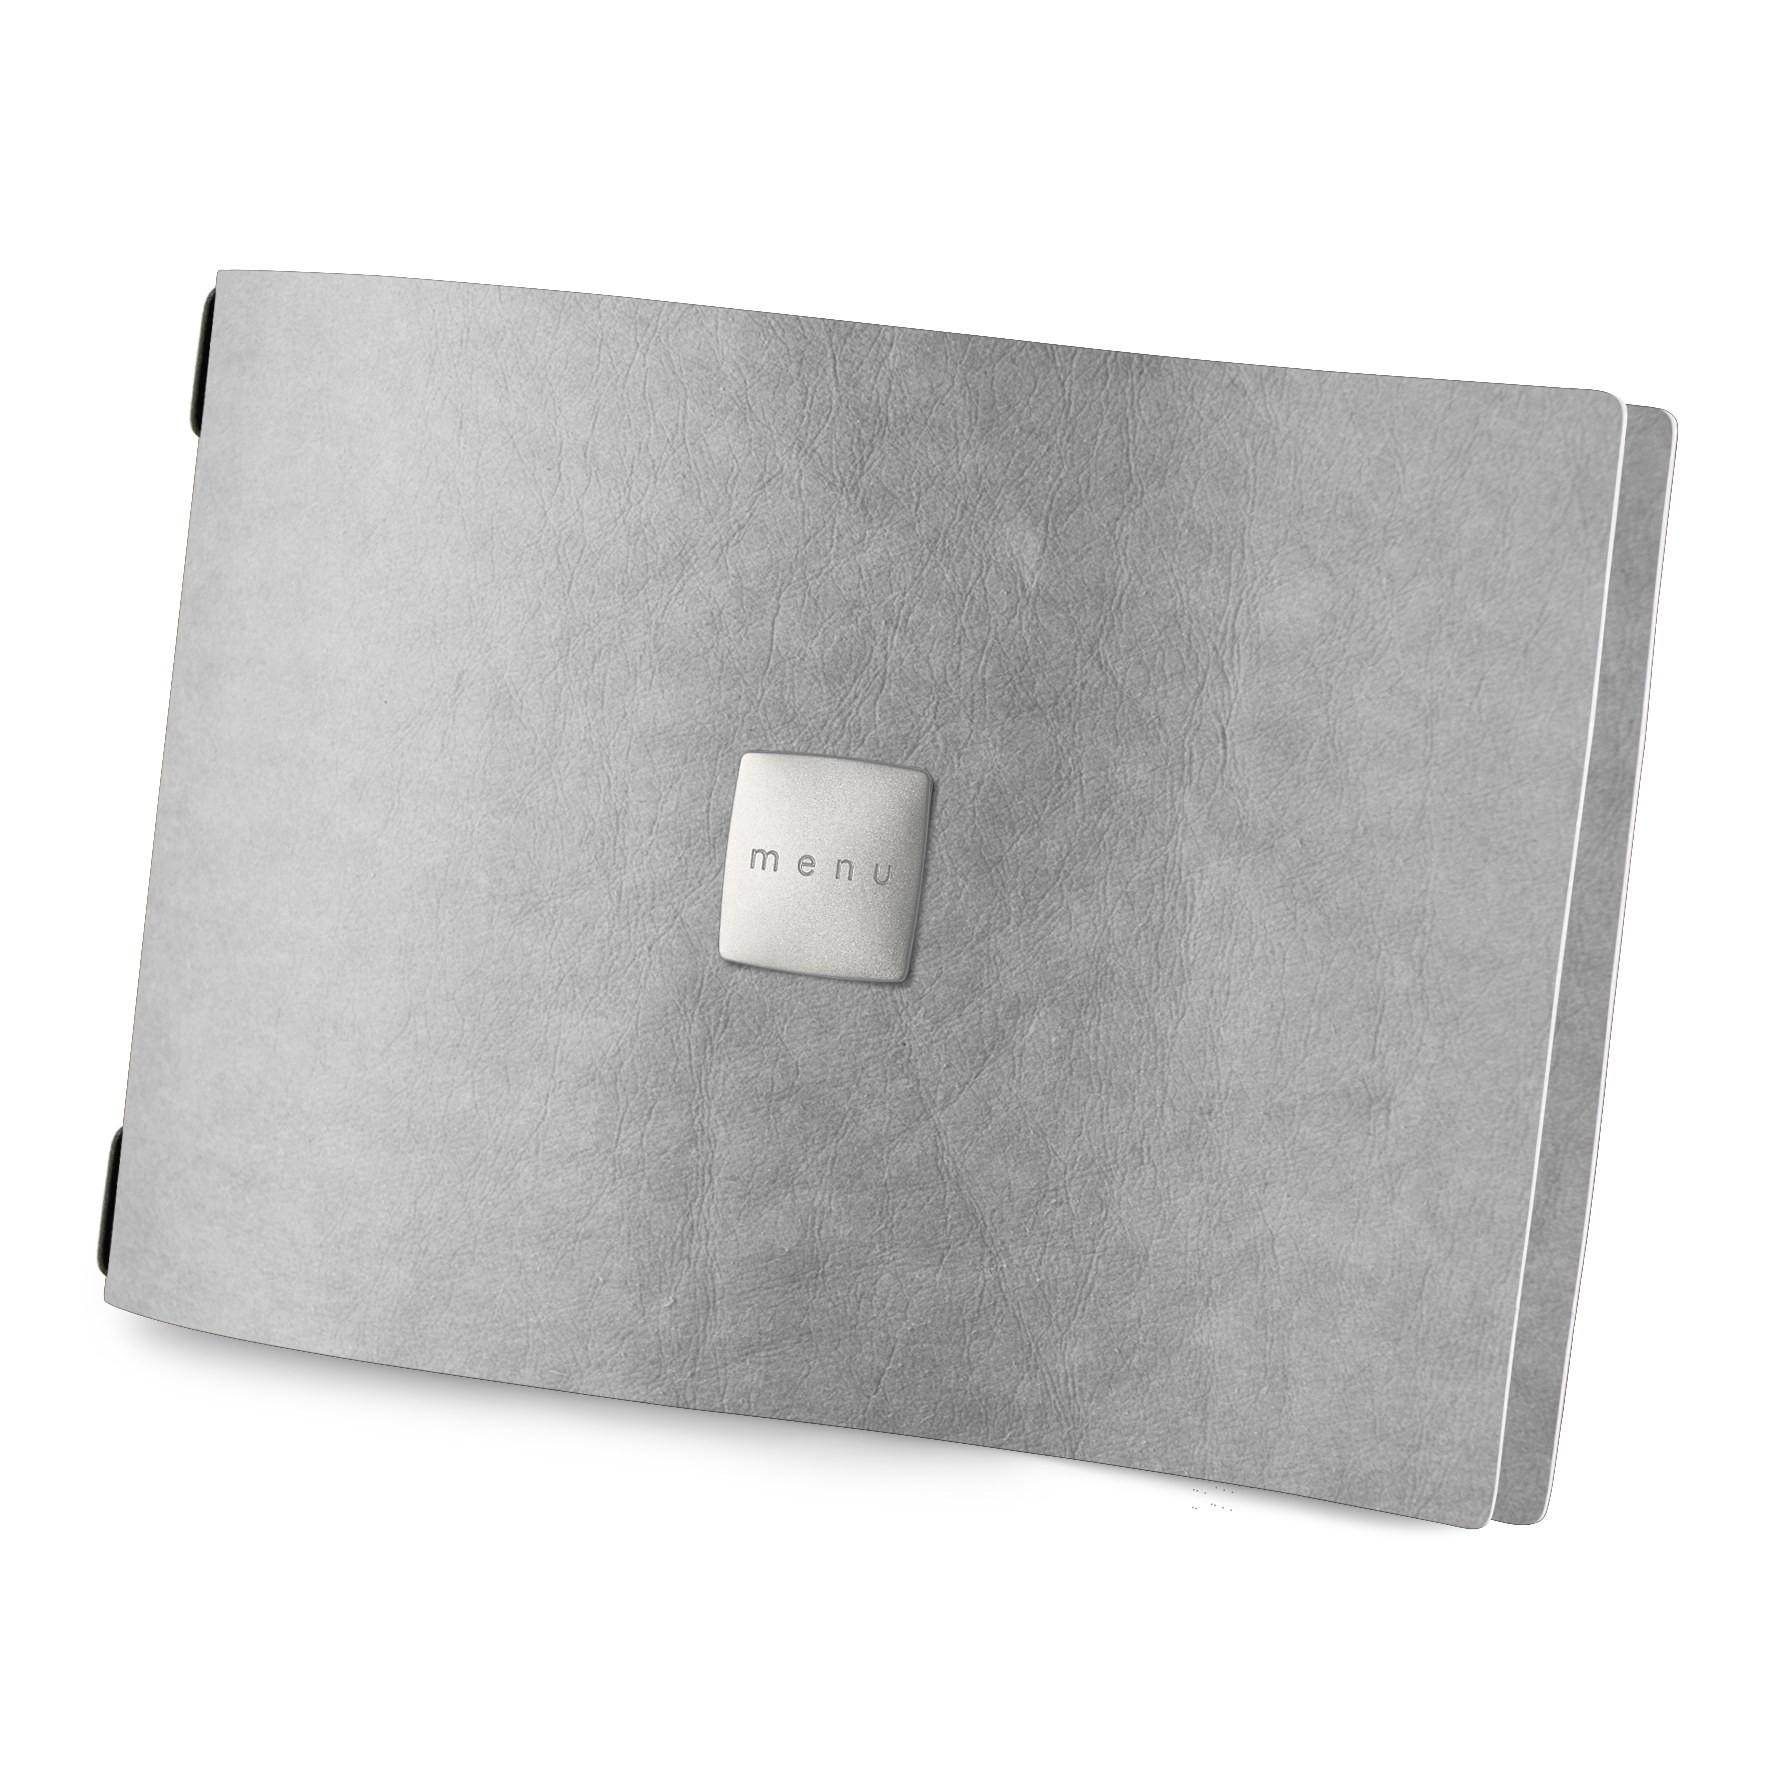 Protège menu A4 HORIZONTAL Ecologique gris aspect fibre lisse